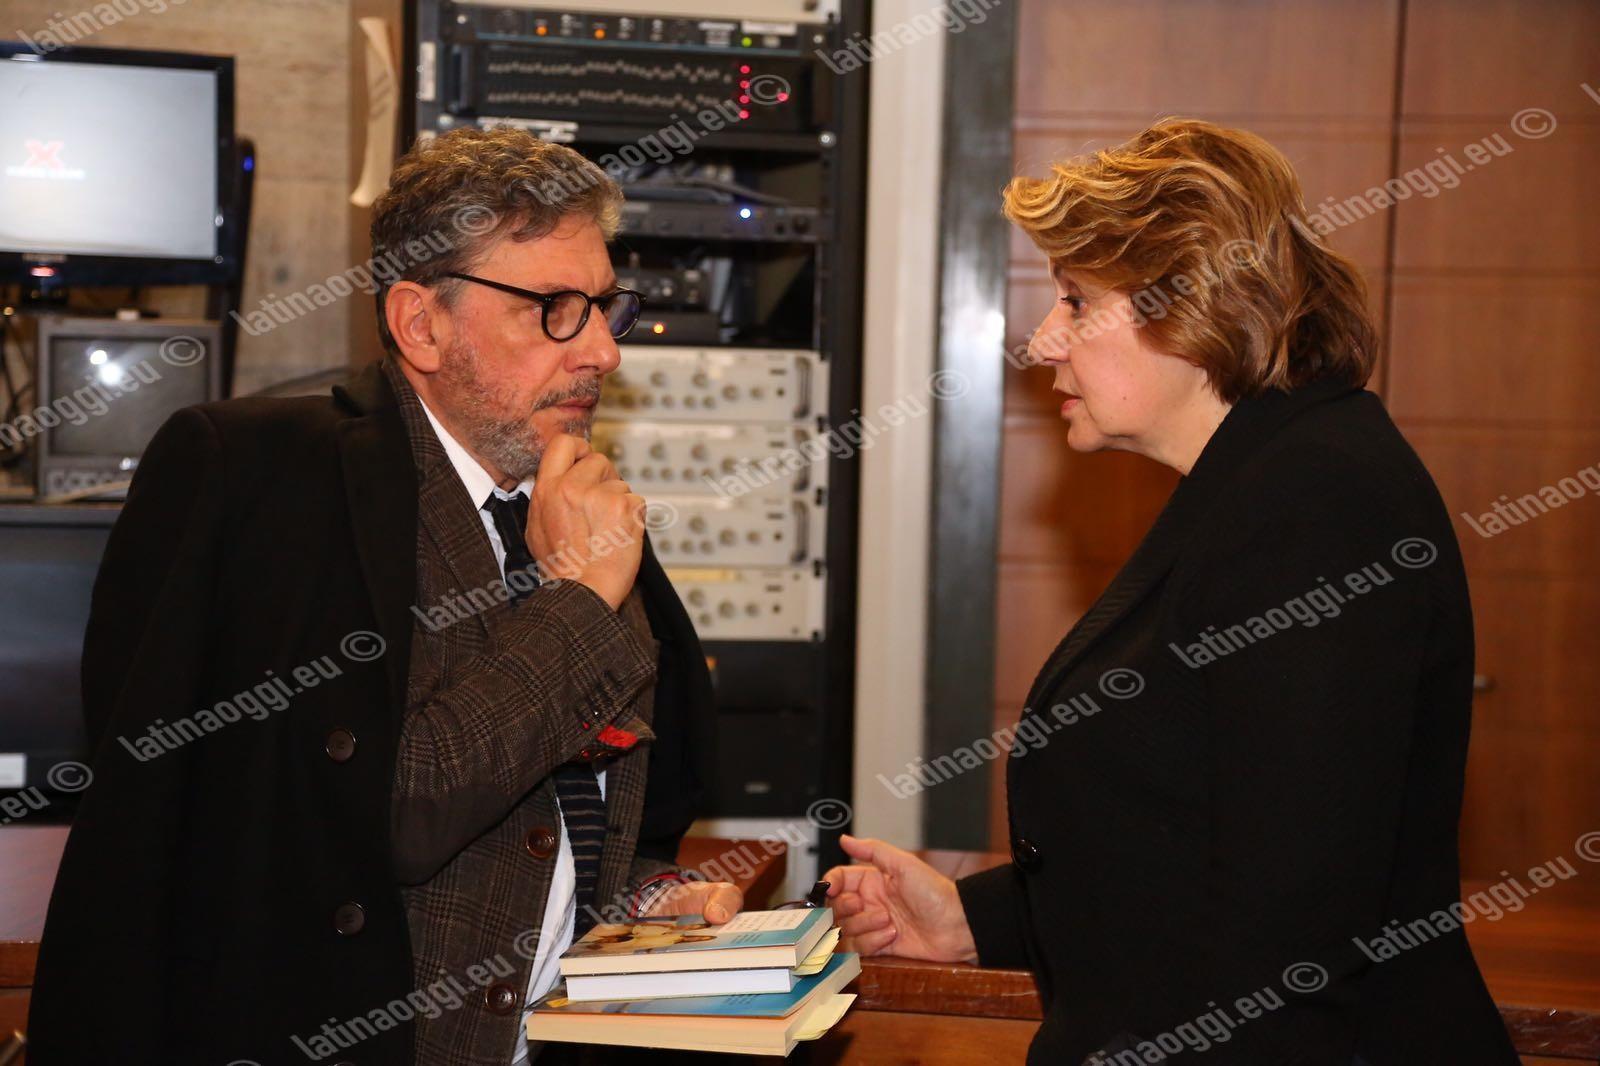 La gaffe clamorosa: Costanzo recensisce Rocco Chinnici in anticipo